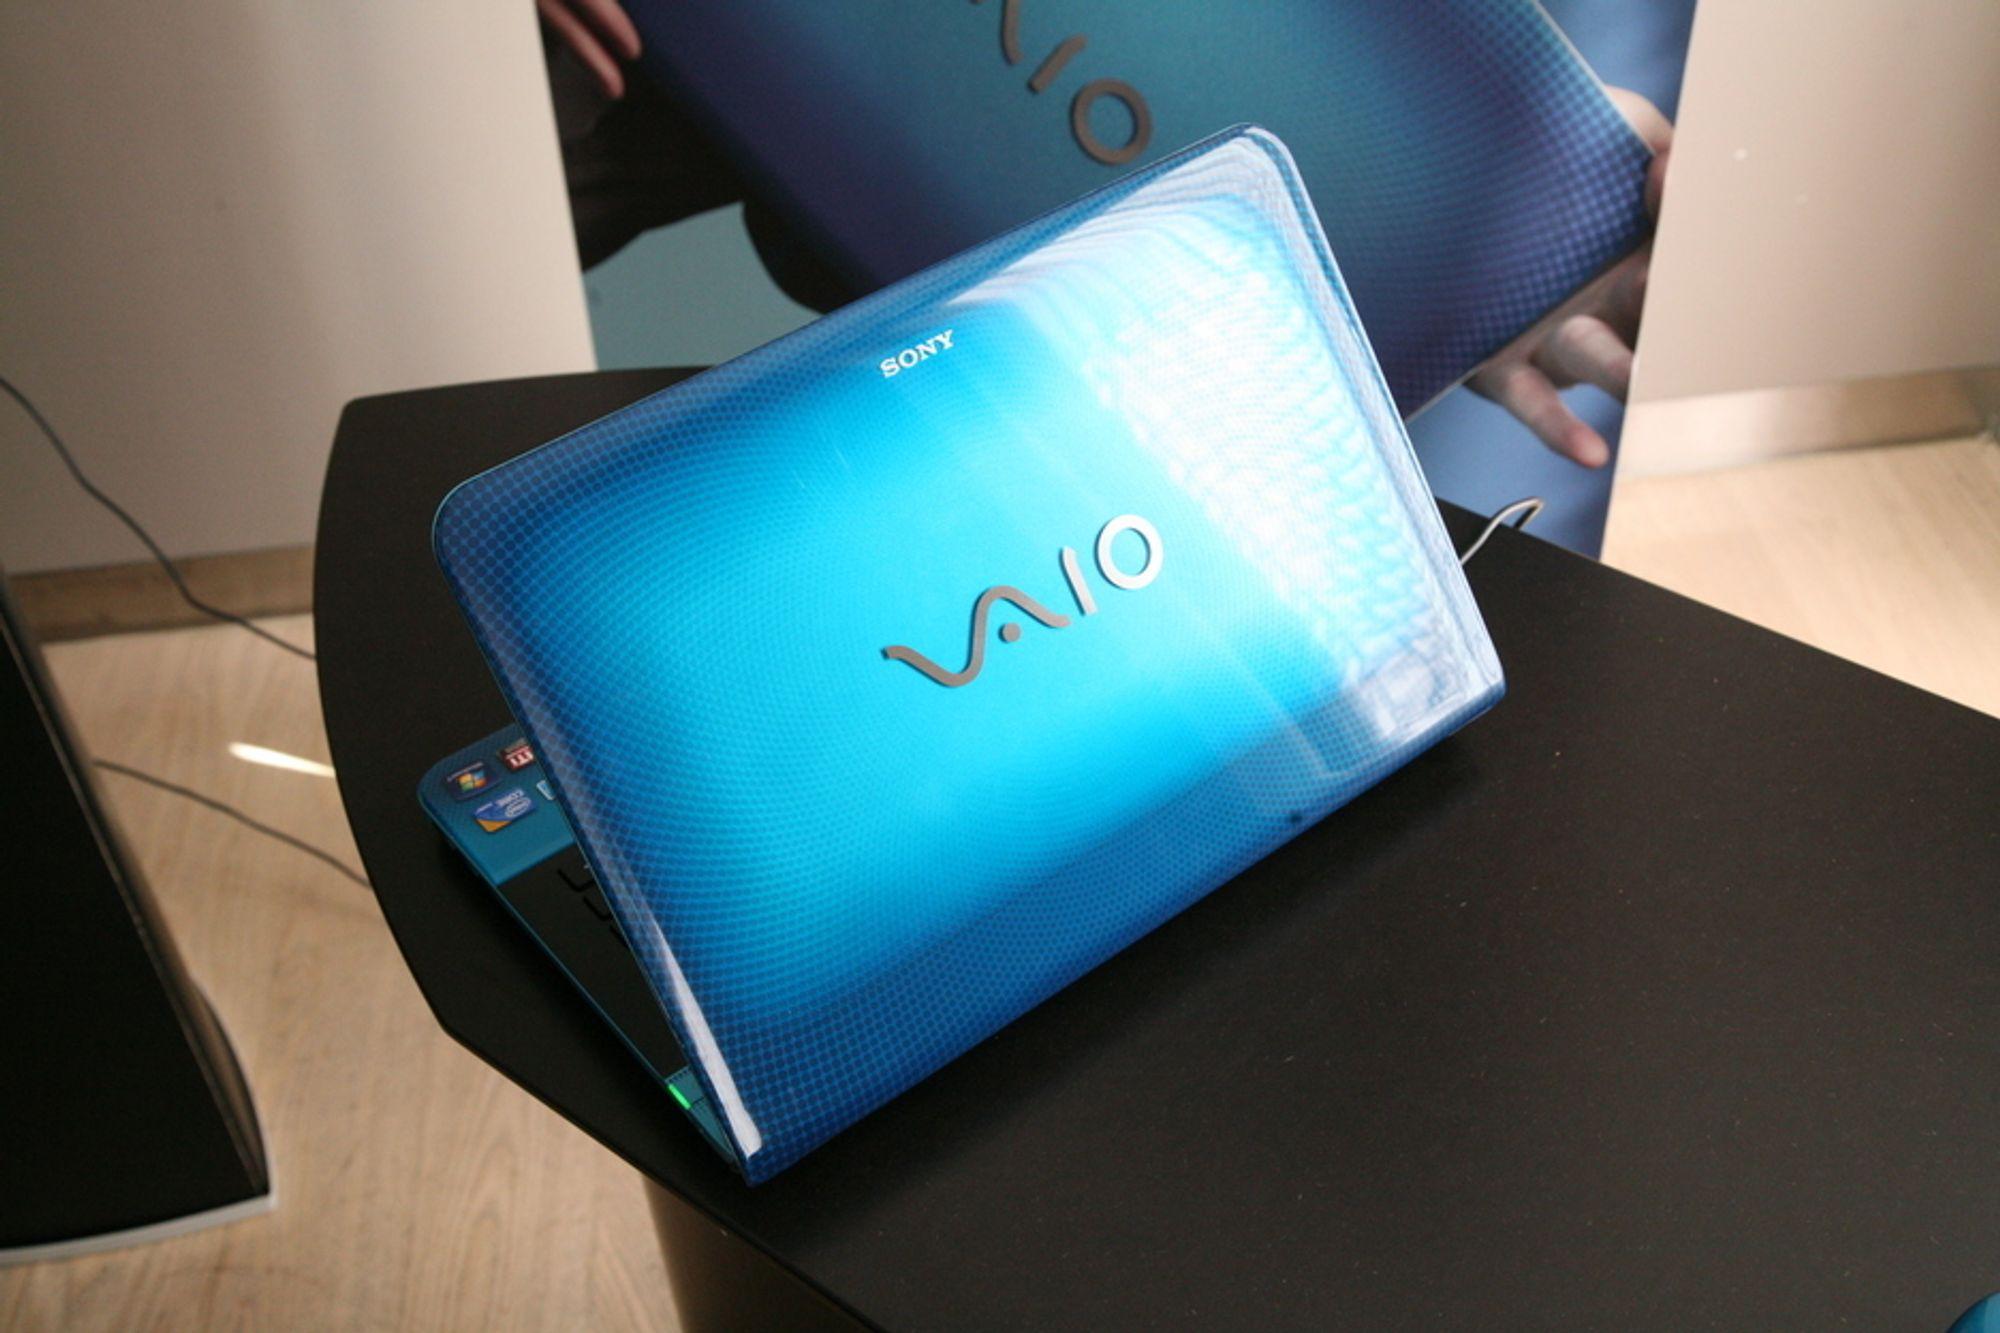 VAIO E er de billigste modellene til Sony, og er preget av sterke farger og tydelig design.